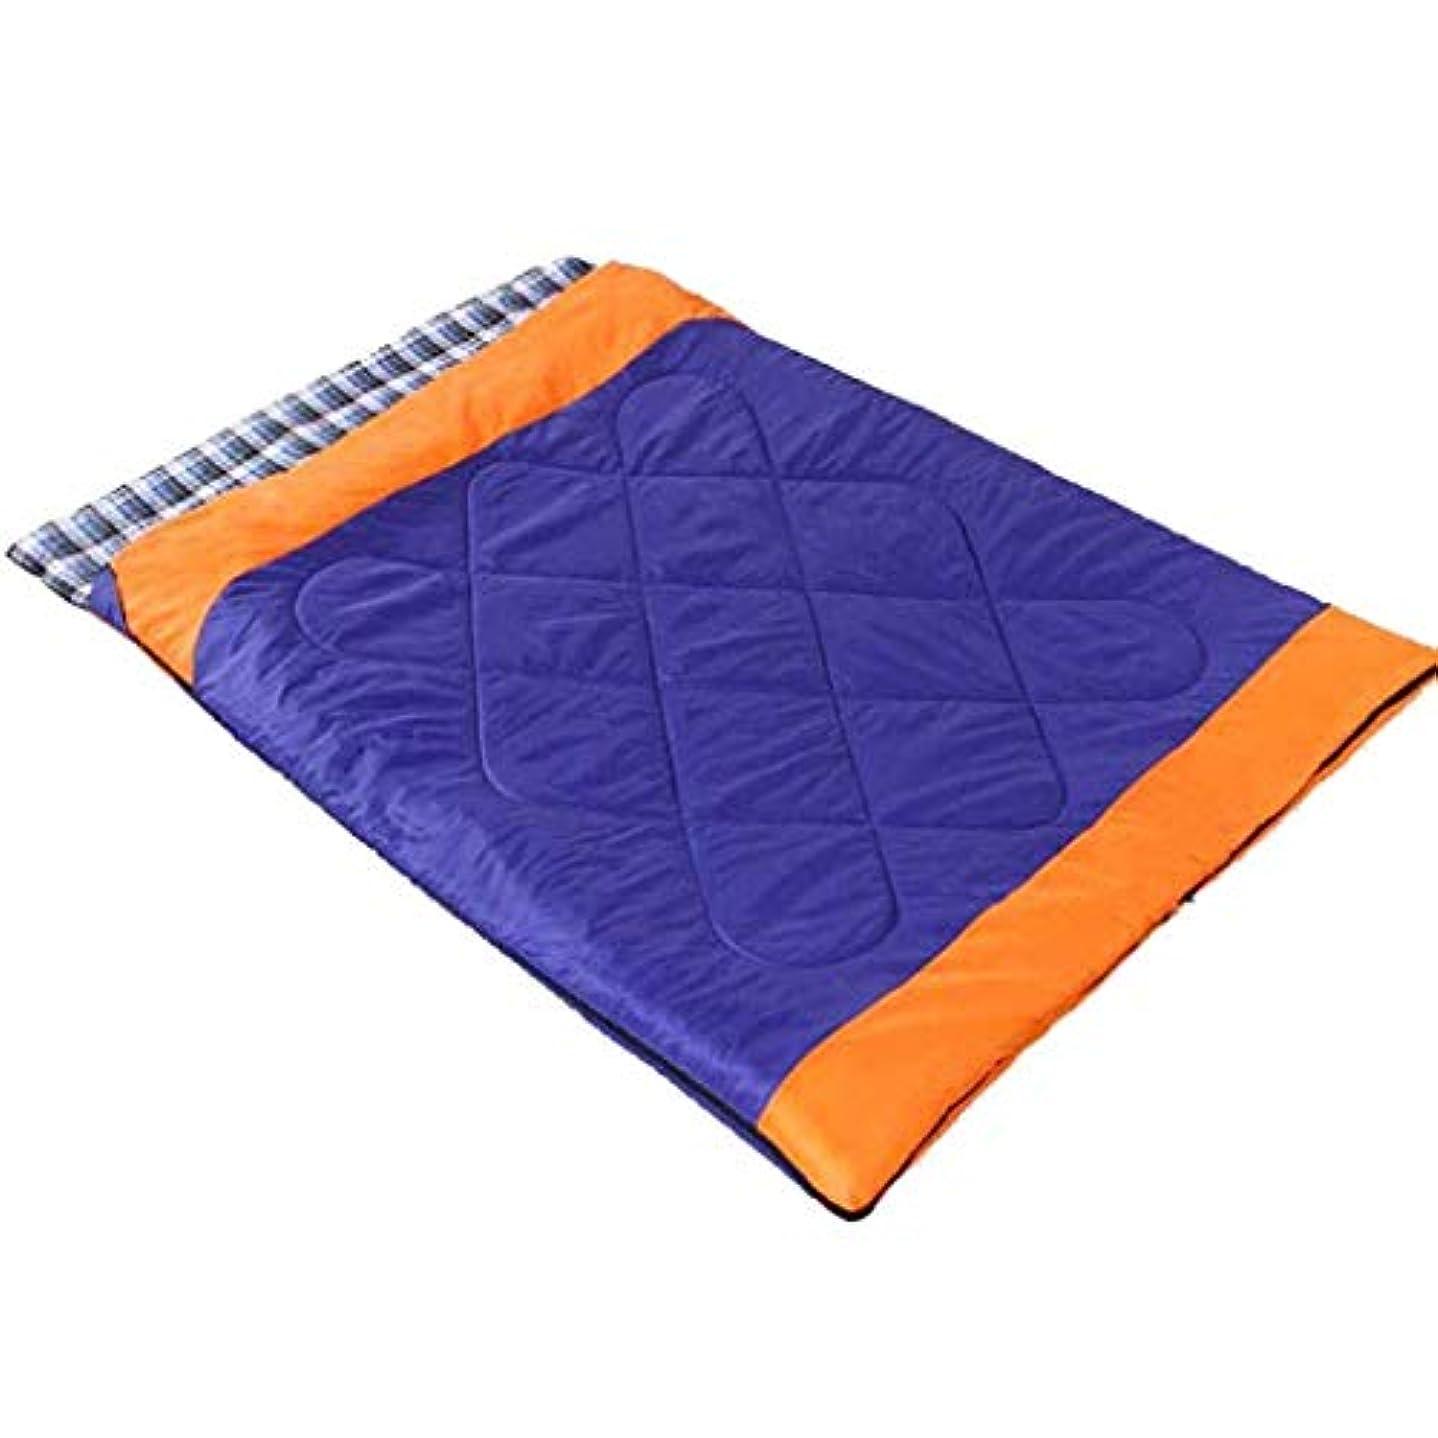 風味排除するキャロラインダブル寝袋封筒取り外し可能なシングルフランネル肥厚家の余暇屋外旅行キャンプ